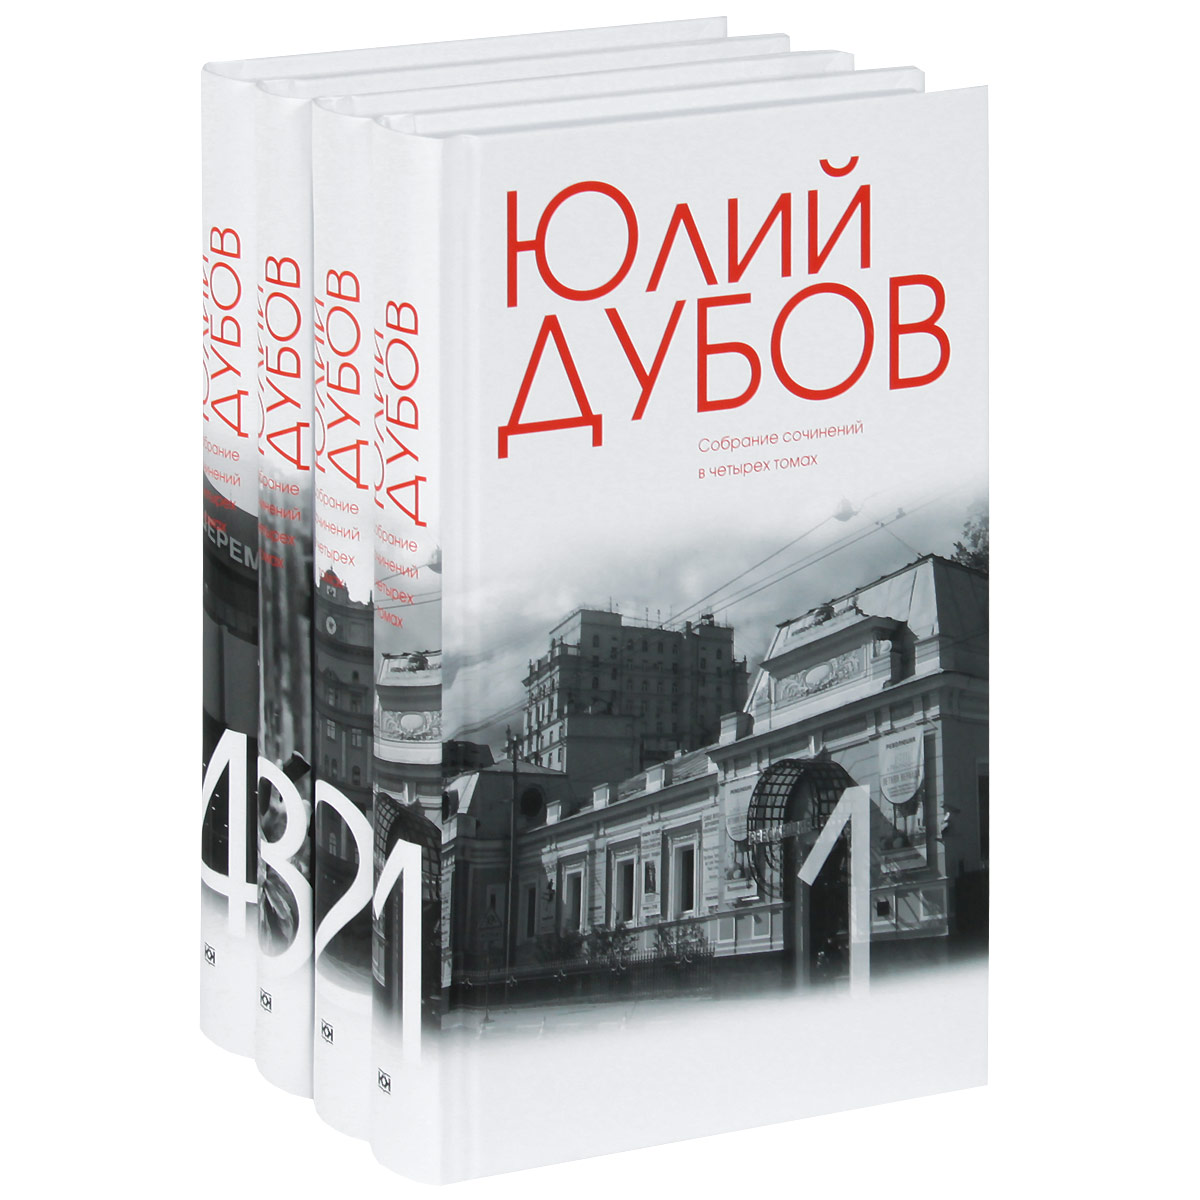 Юлий Дубов Юлий Дубов. Собрание сочинений (комплект из 4 книг)